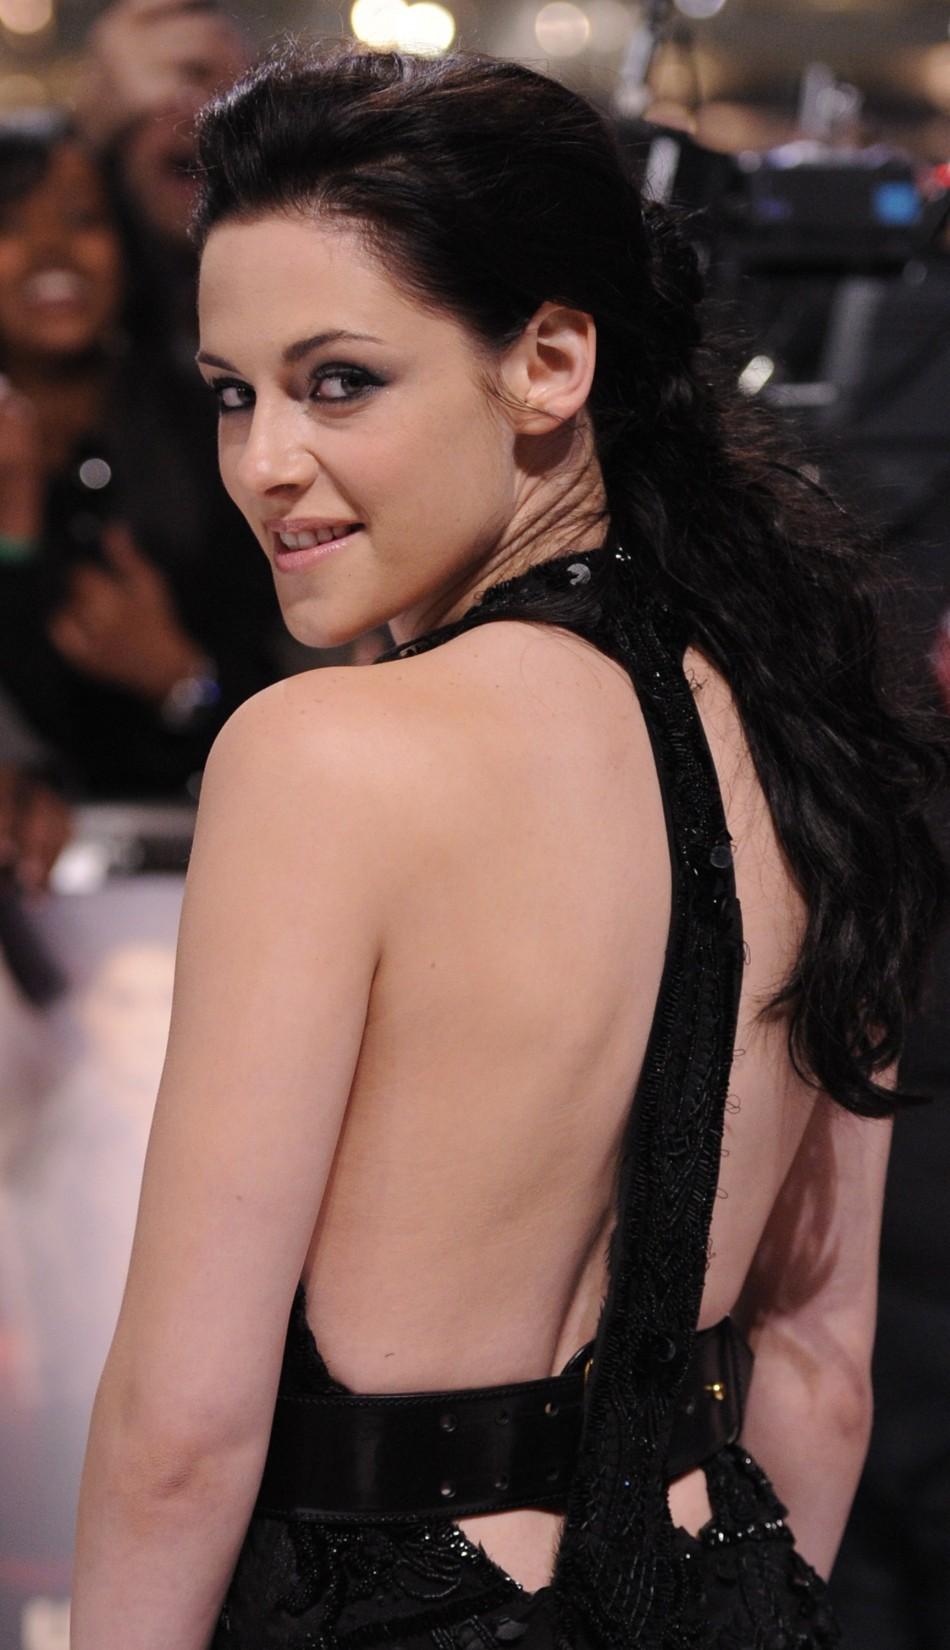 Is Kristen Stewart a Fashion Pariah